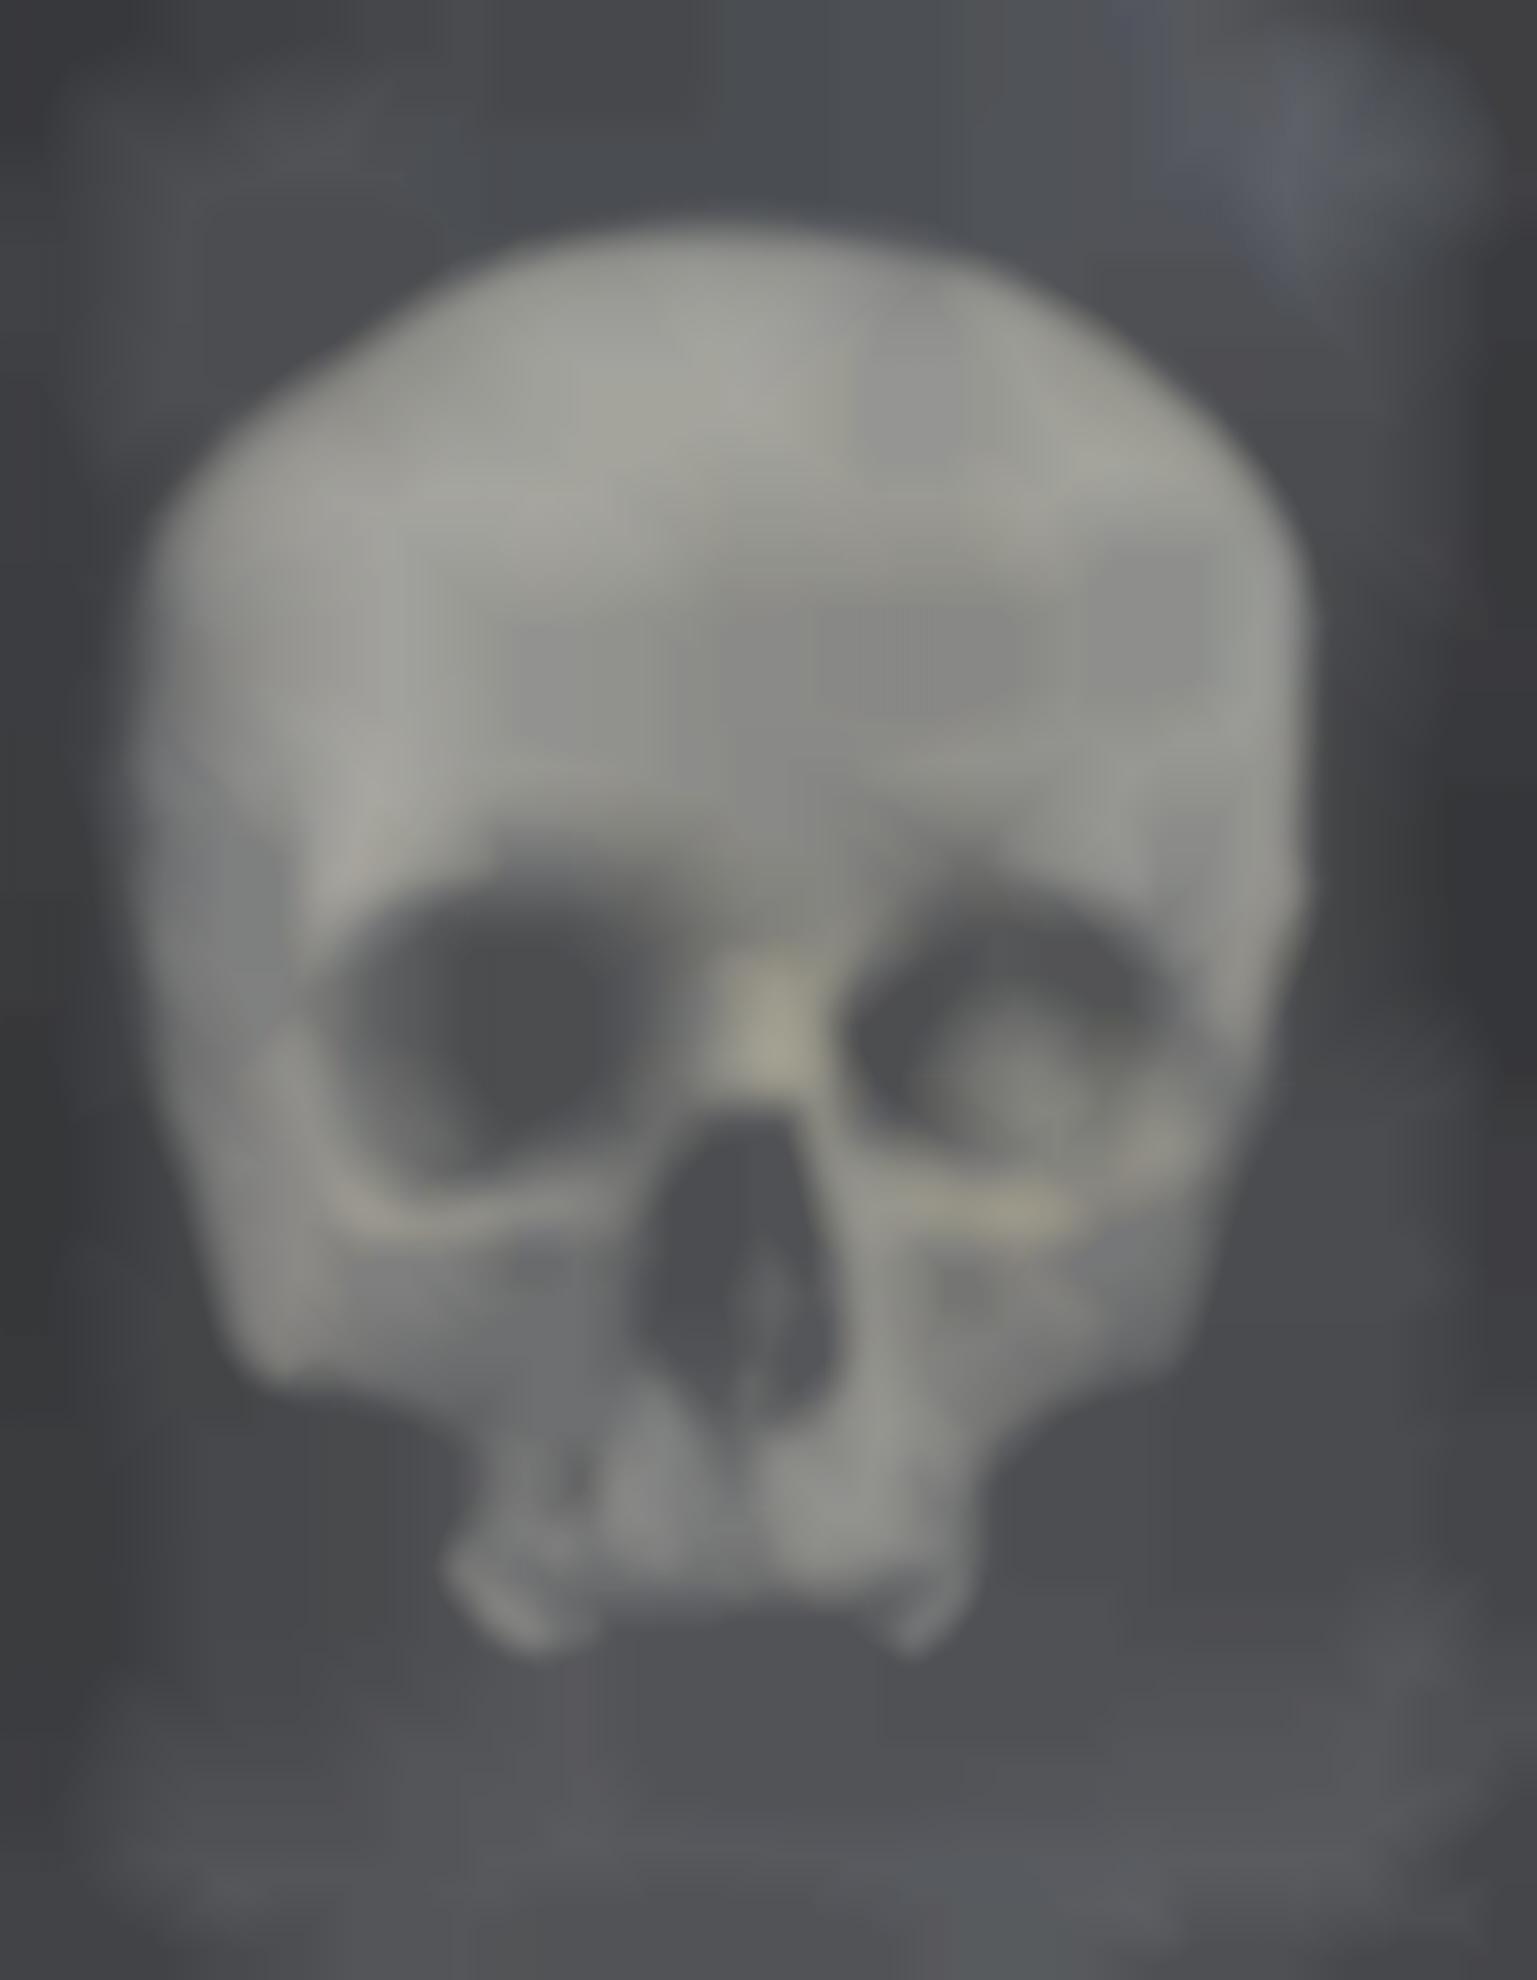 Adam Fuss-Untitled (Skull)-2005